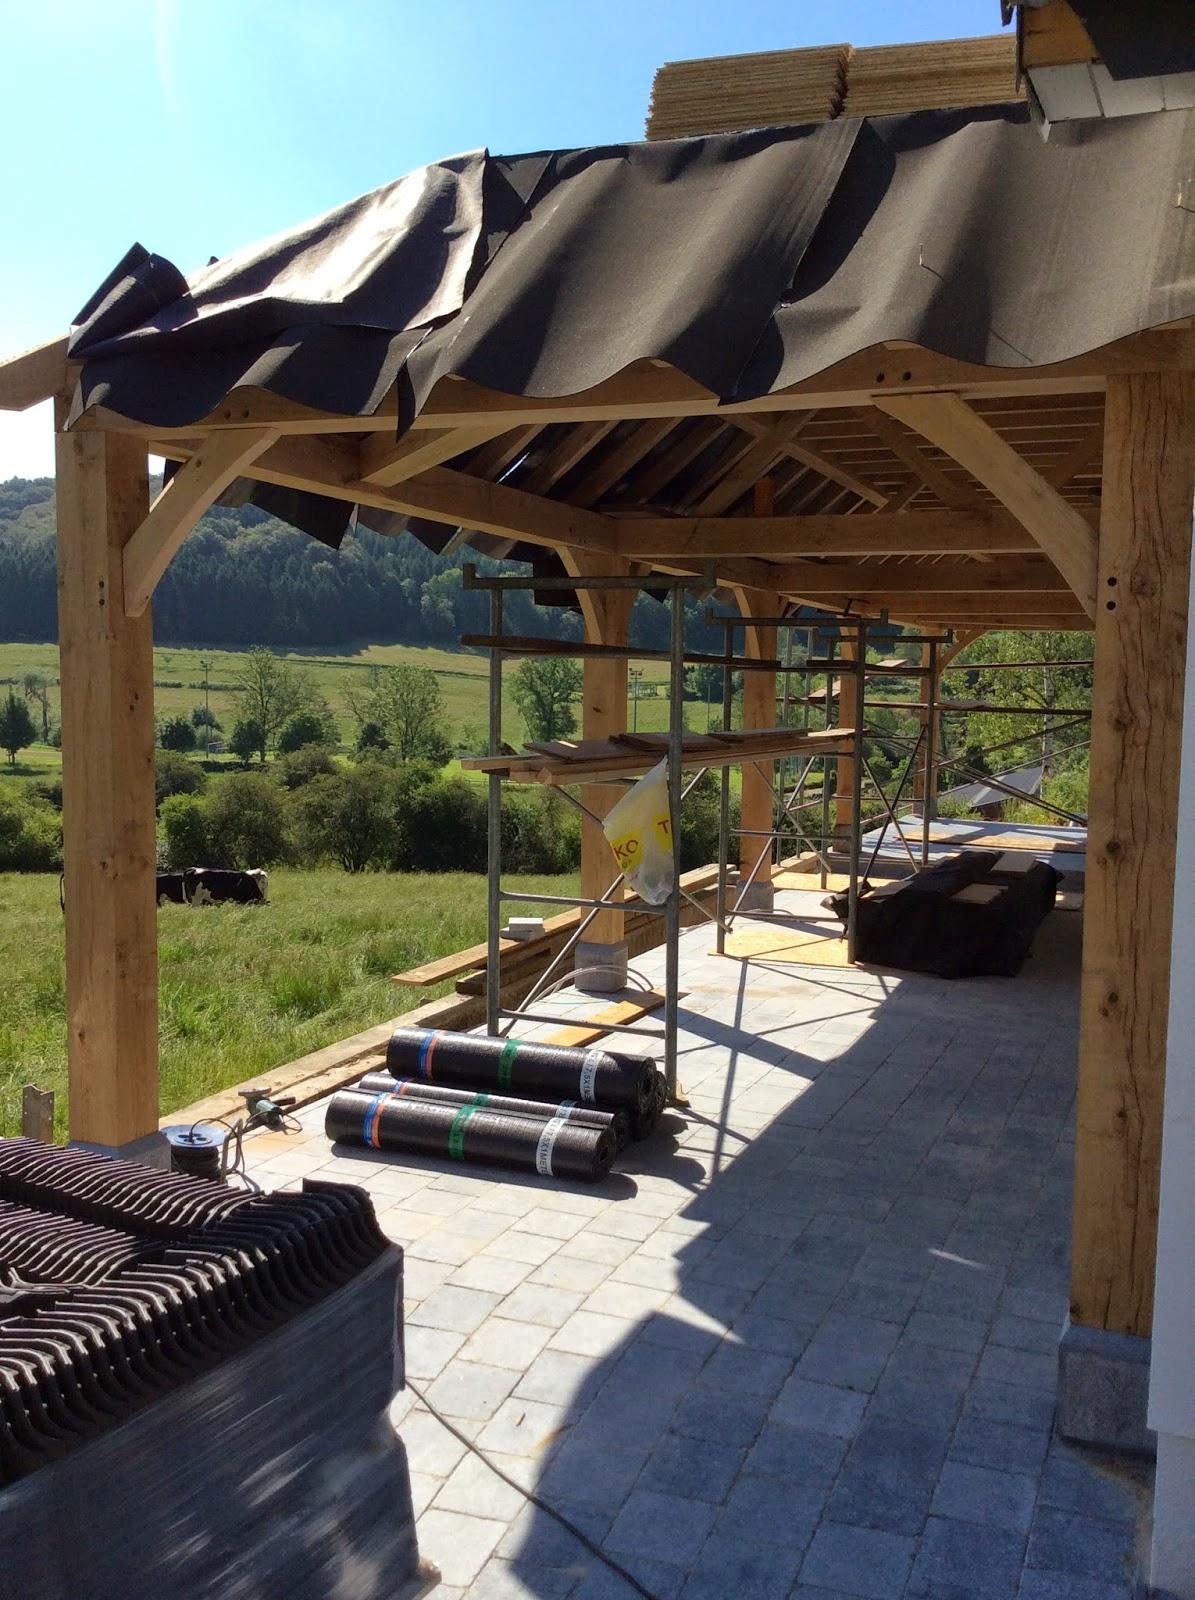 Overdekt terras en carport landhuis in luxemburg for Overdekt terras model